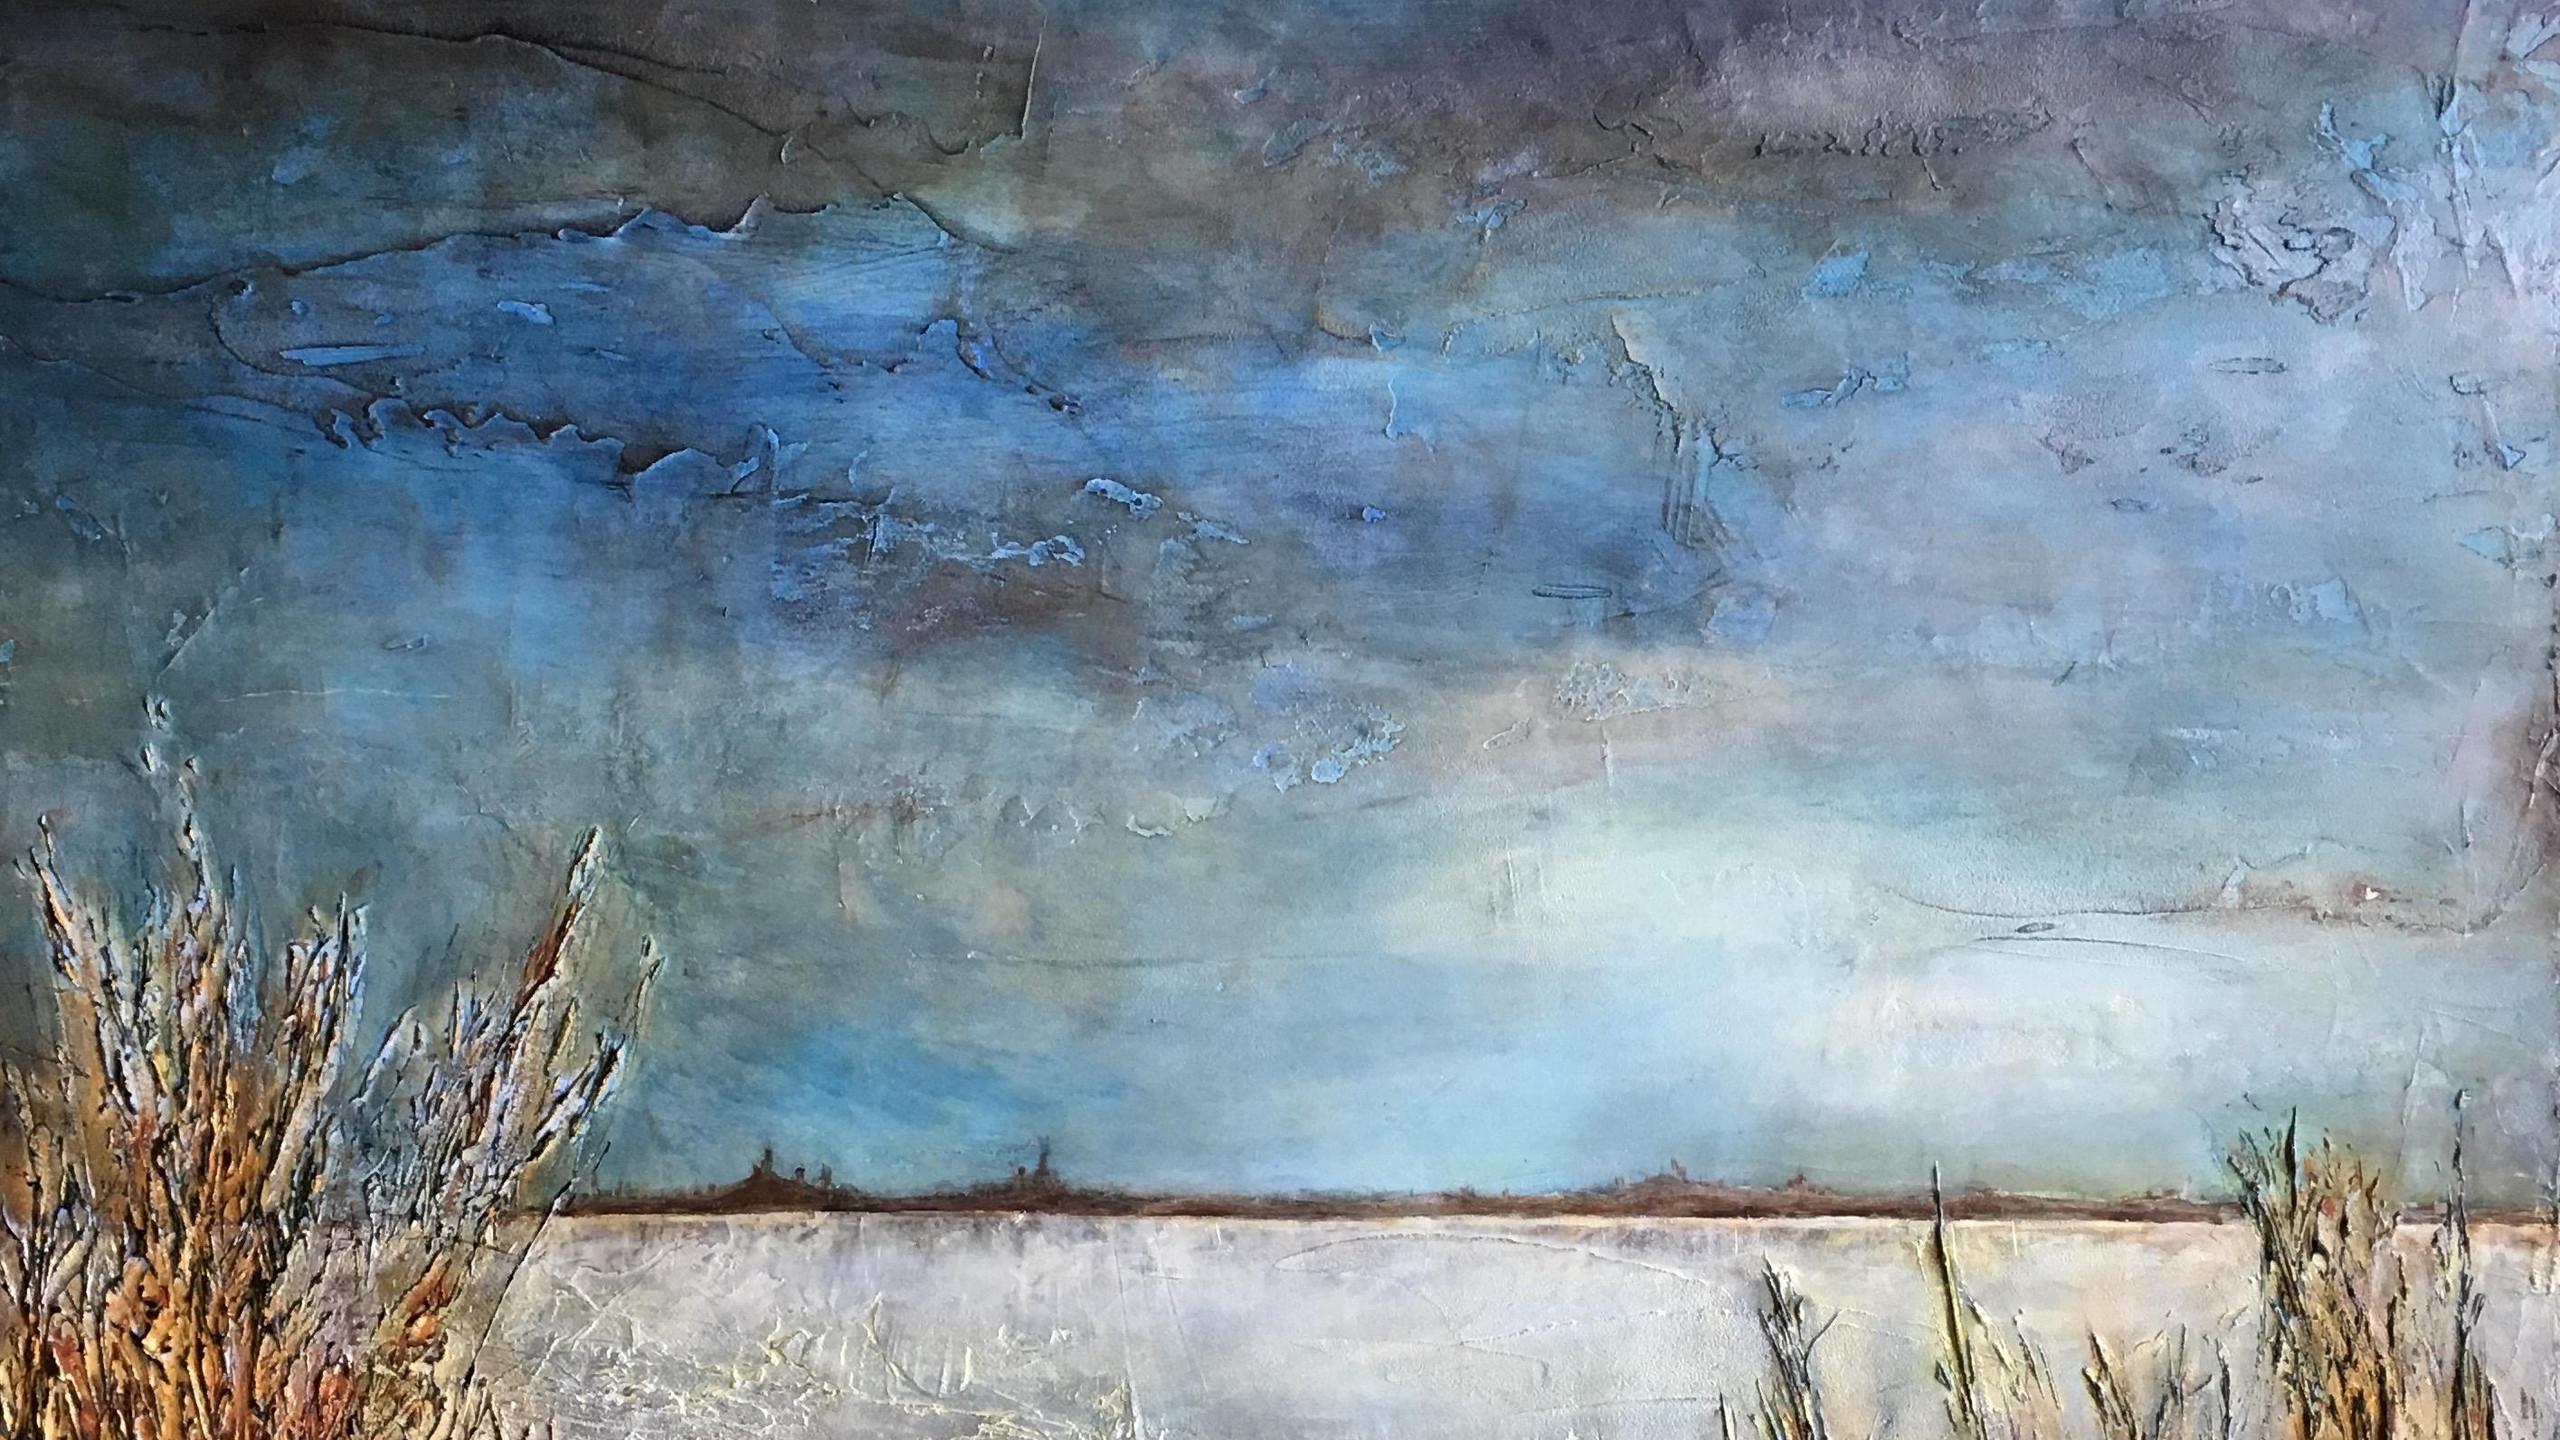 Hiebert, Susan - First Frost